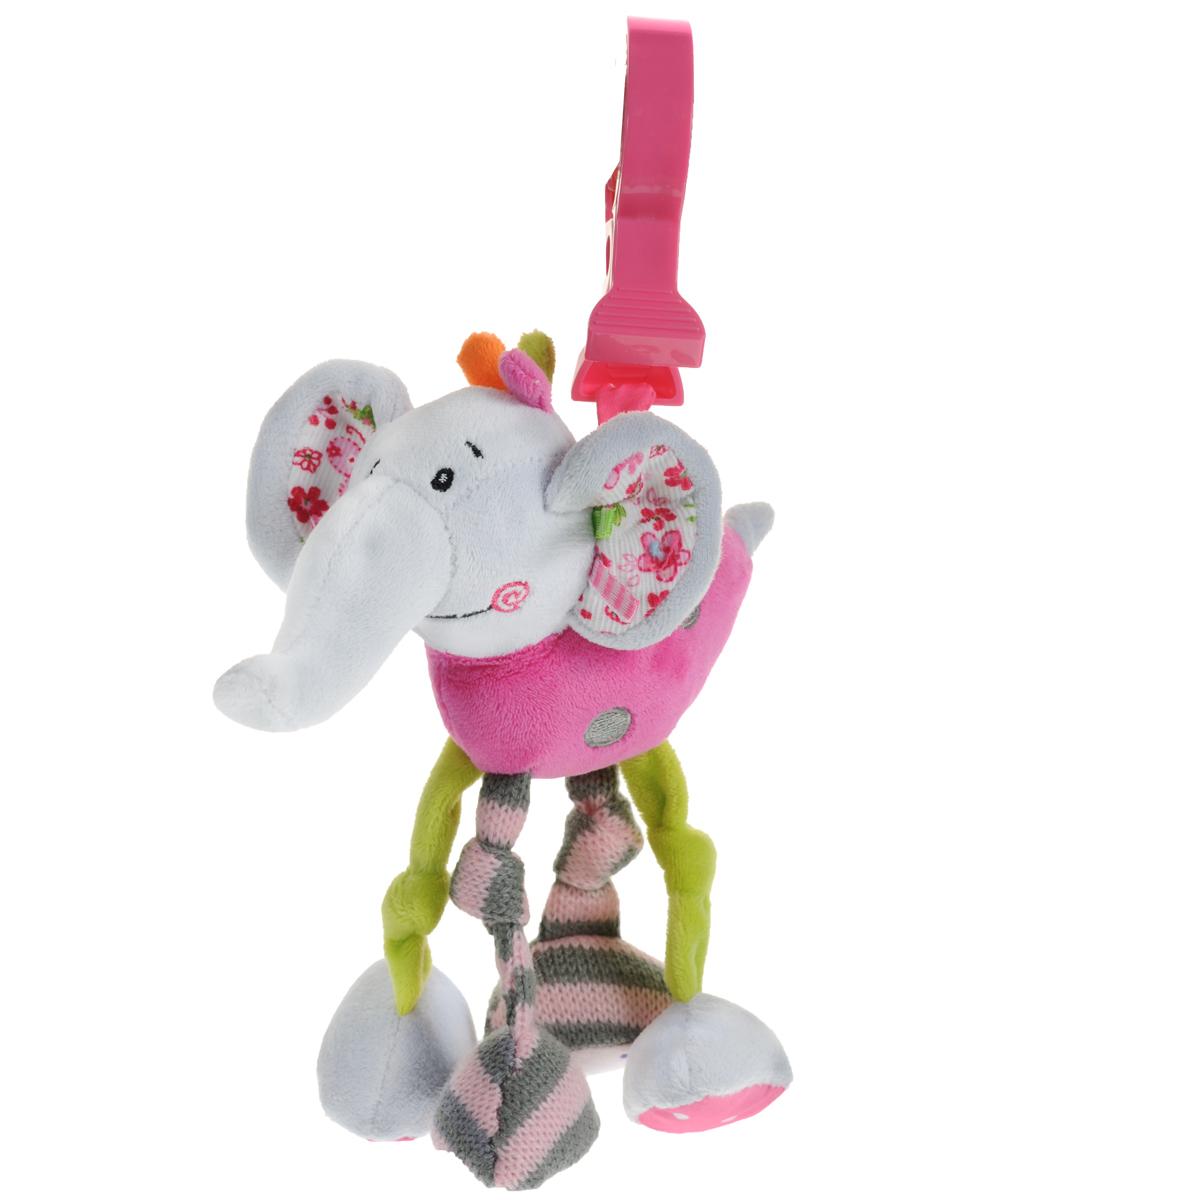 Развивающая игрушка-подвеска Жирафики Слоненок Тим с вибрацией жирафики развивающая игрушка подвеска веселые малыши